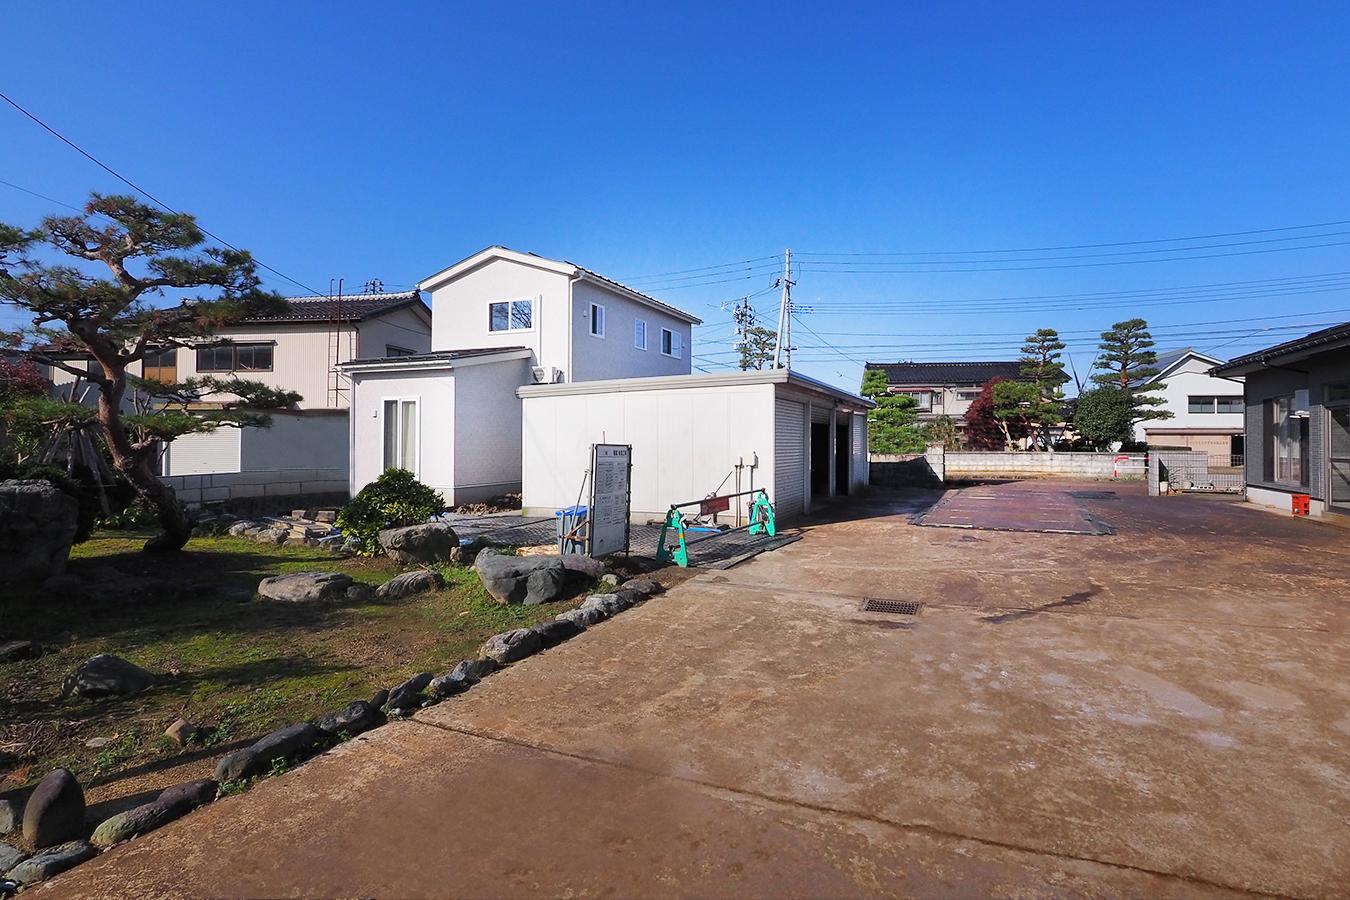 グリーンスタイル完成見学会  実家の敷地内に建てた自然素材の家 立派な和風の裏庭はご実家とお家をつなげるコネクションの役割を果たしてくれる。